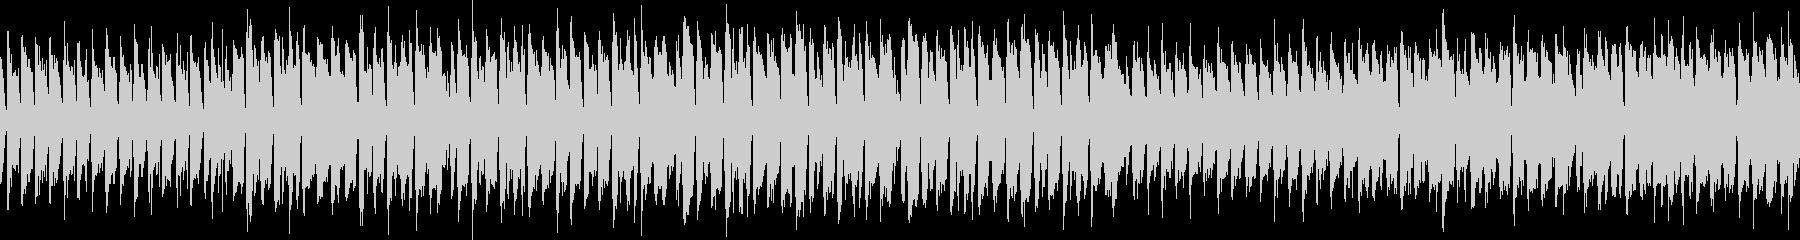 ループ 元気なアイリッシュの未再生の波形